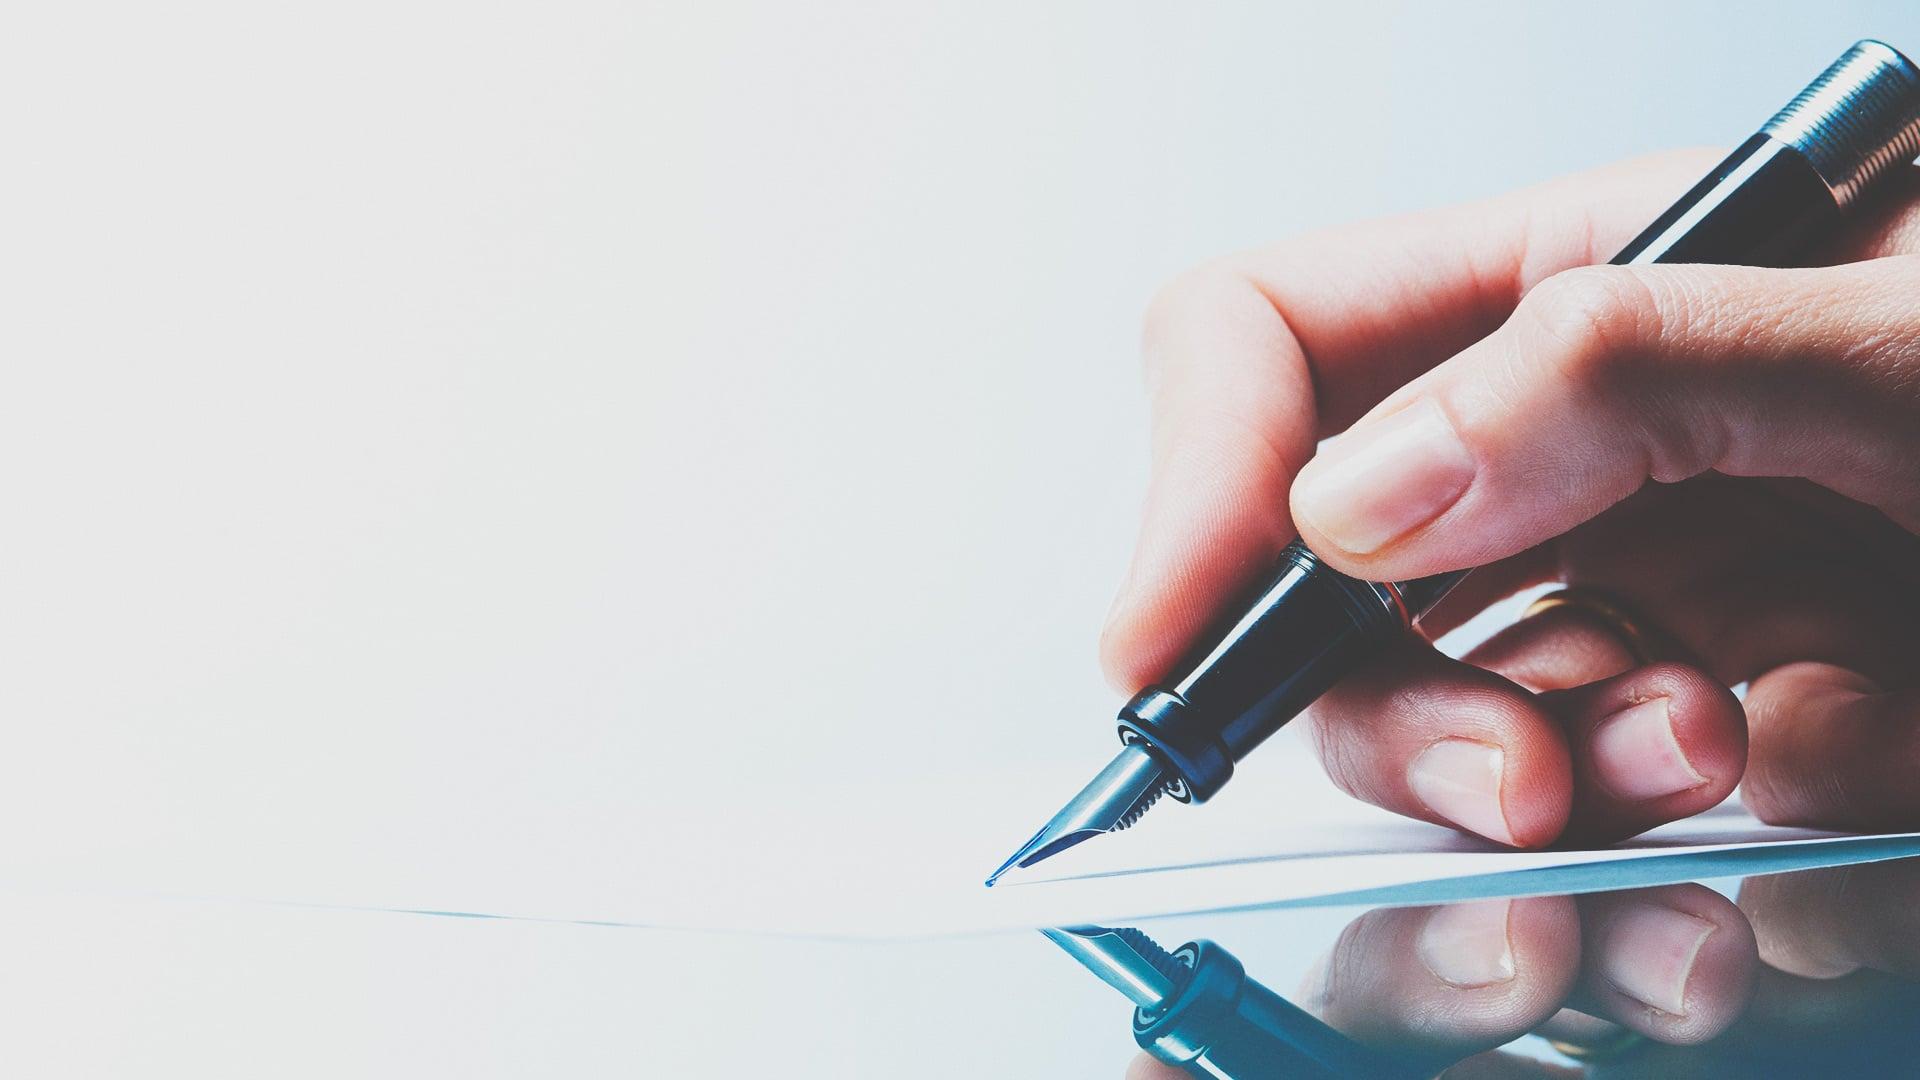 scriber image